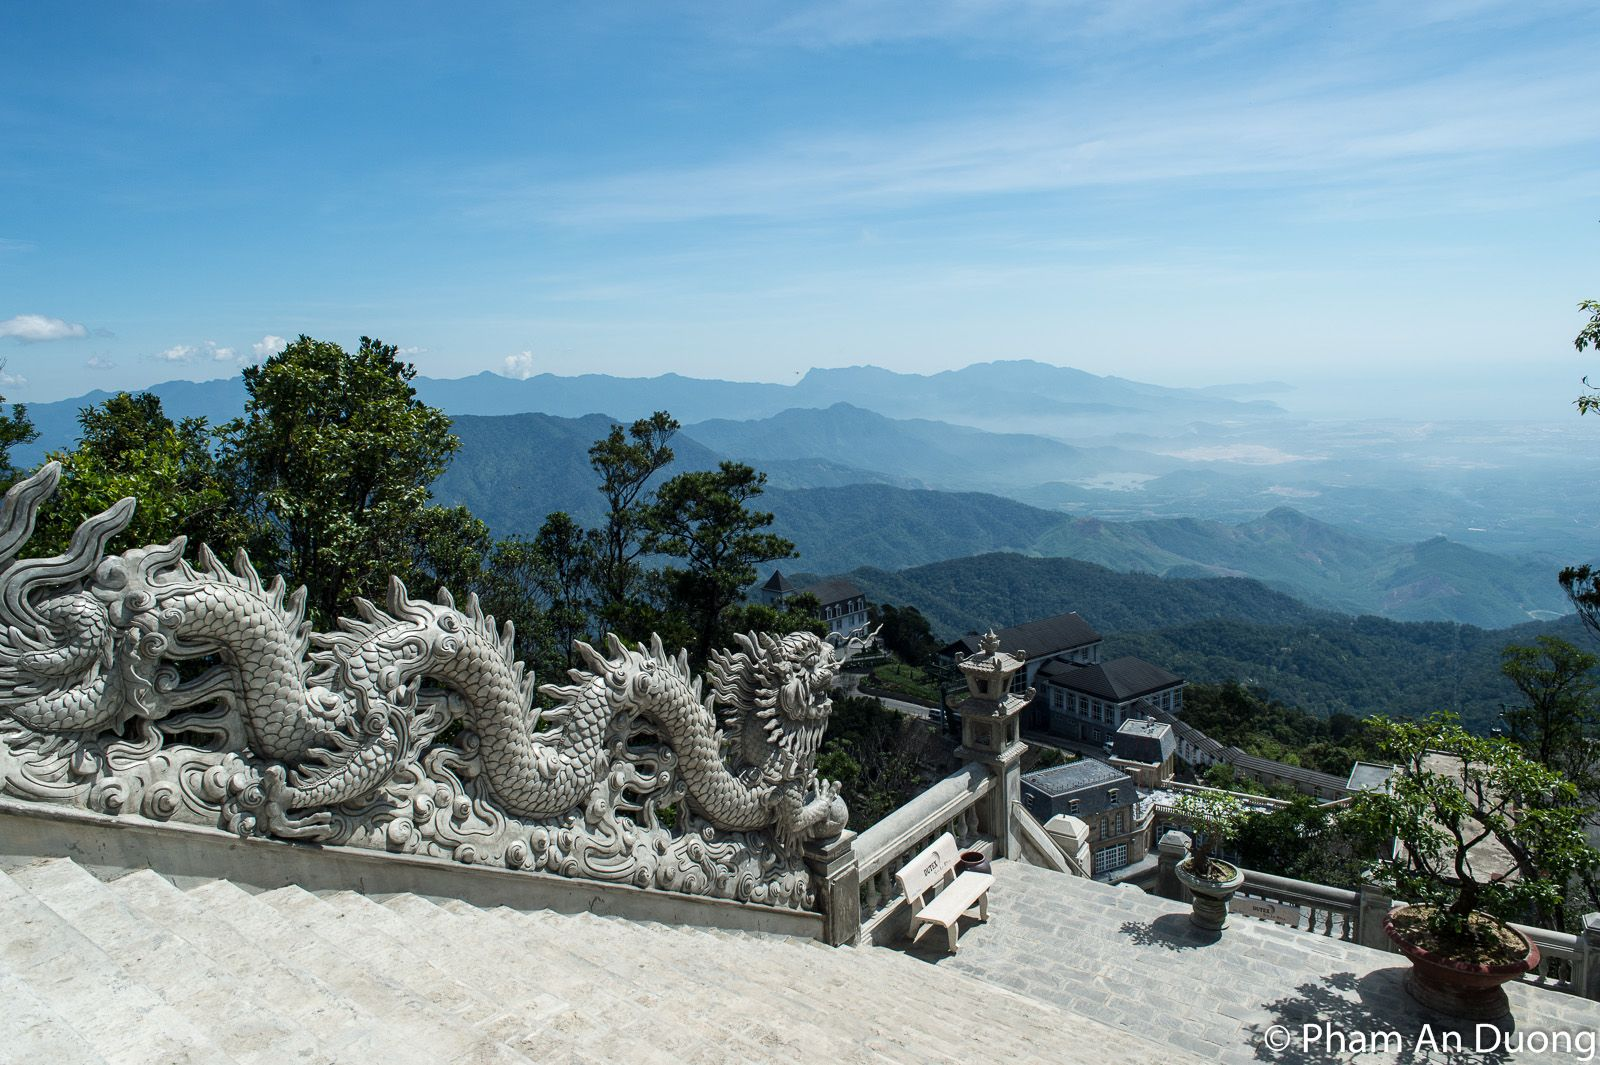 Chùa Linh Ứng Du lịch Bà Nà Hills